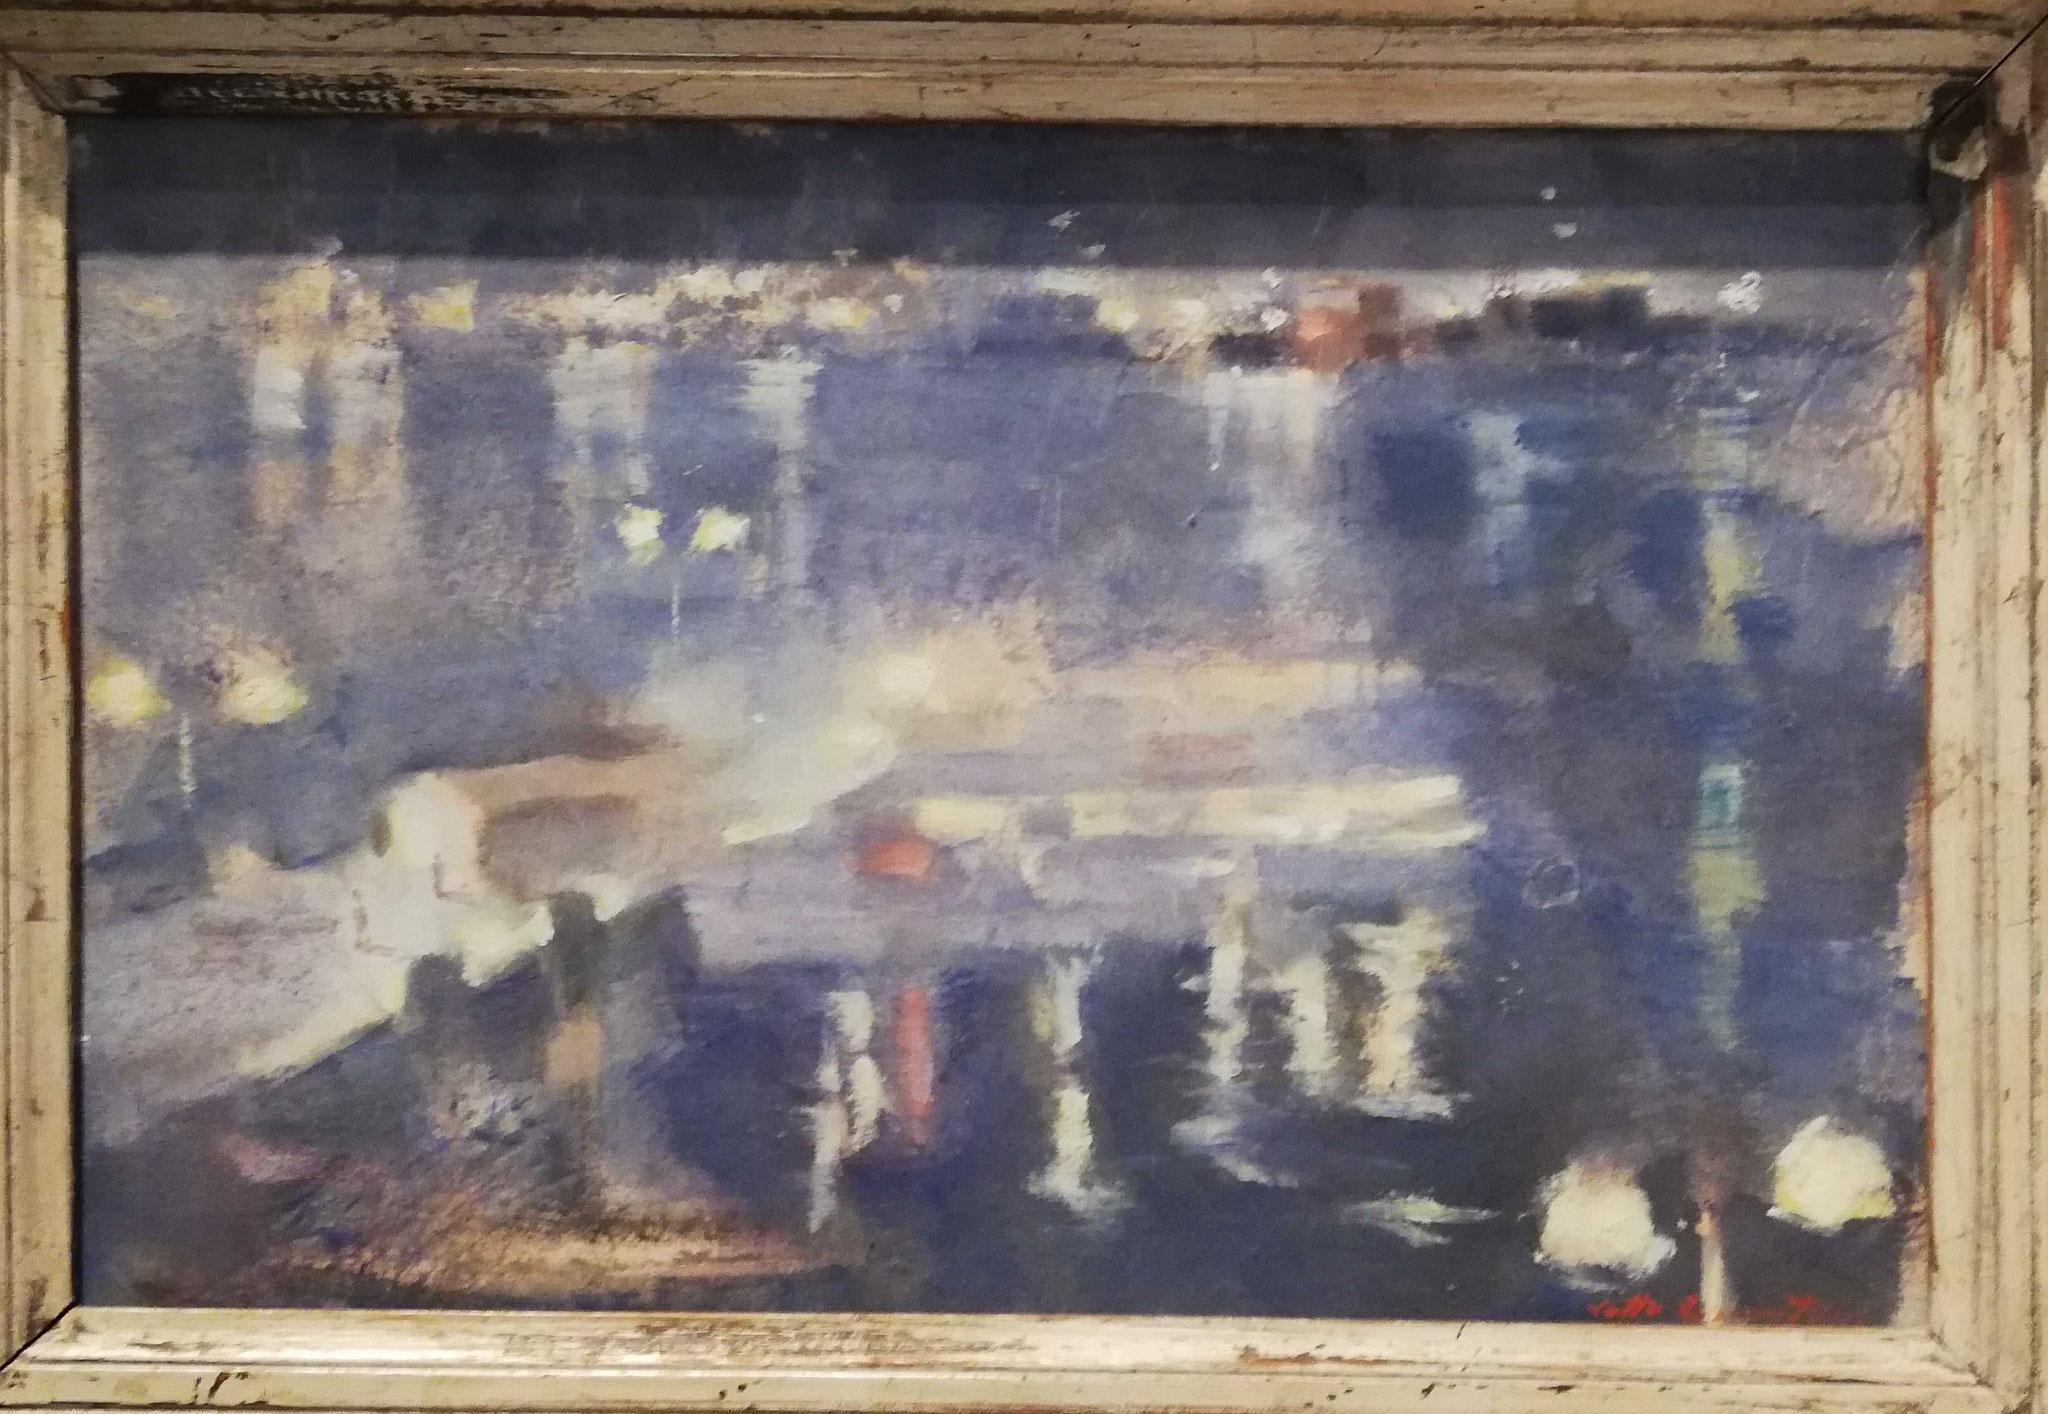 Lotte Laserstein, Göteborger Hafen, 1943